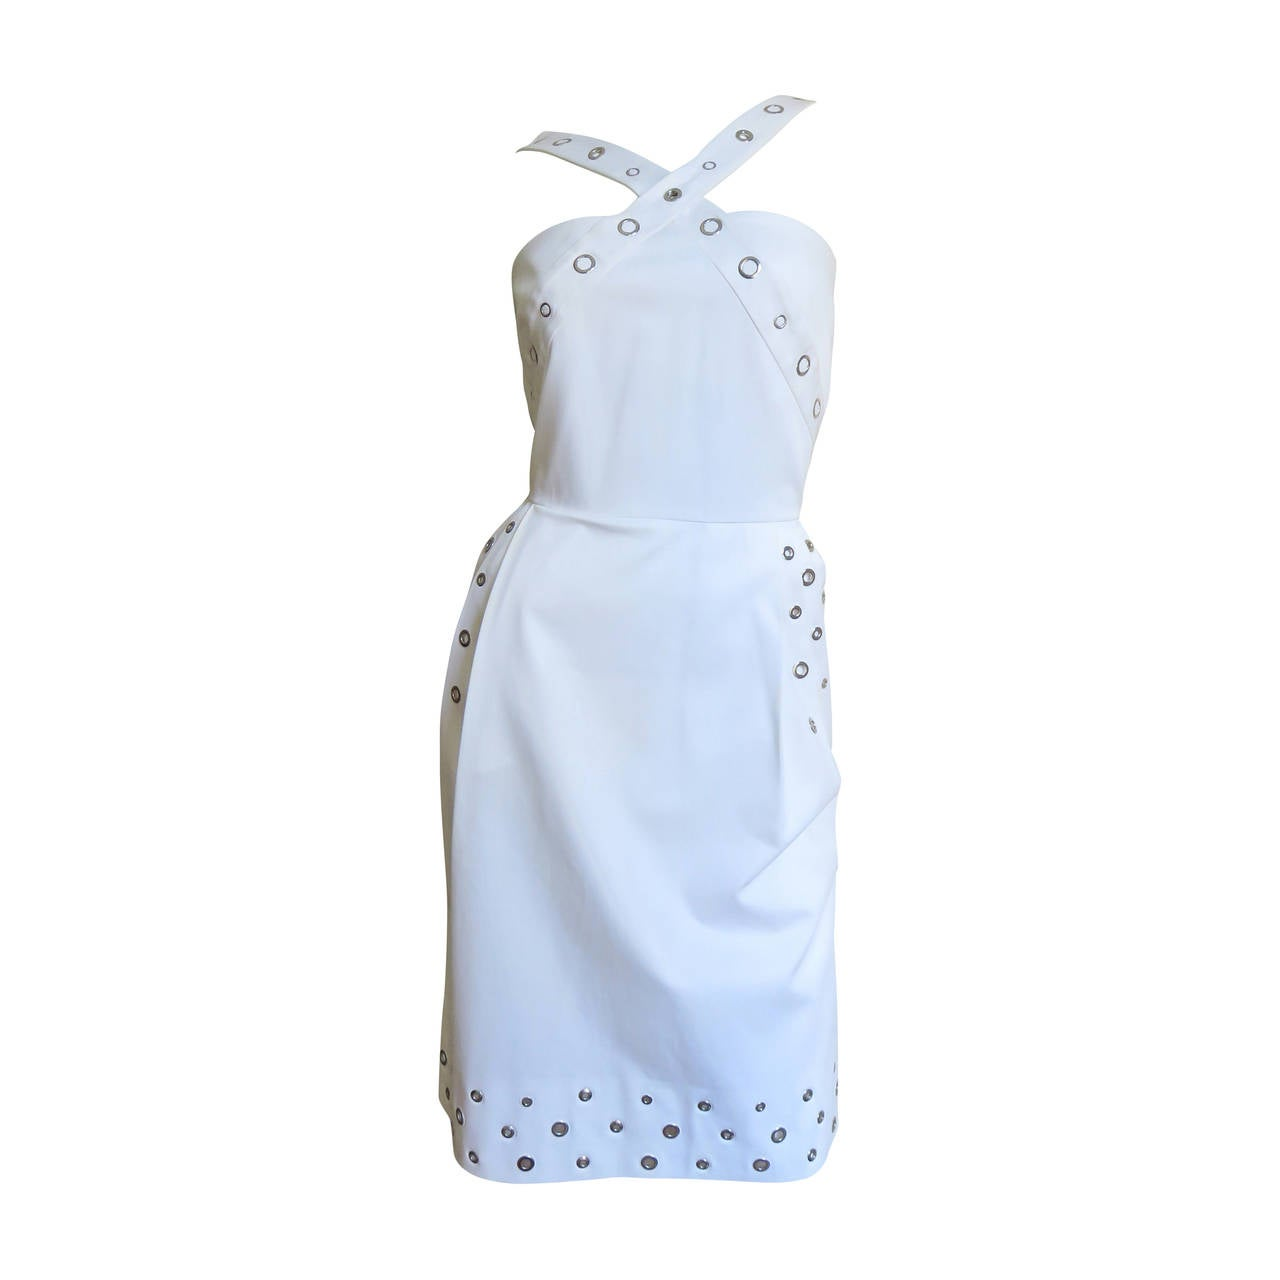 Jean Paul Gaultier Cross Back Dress With Grommets For Sale